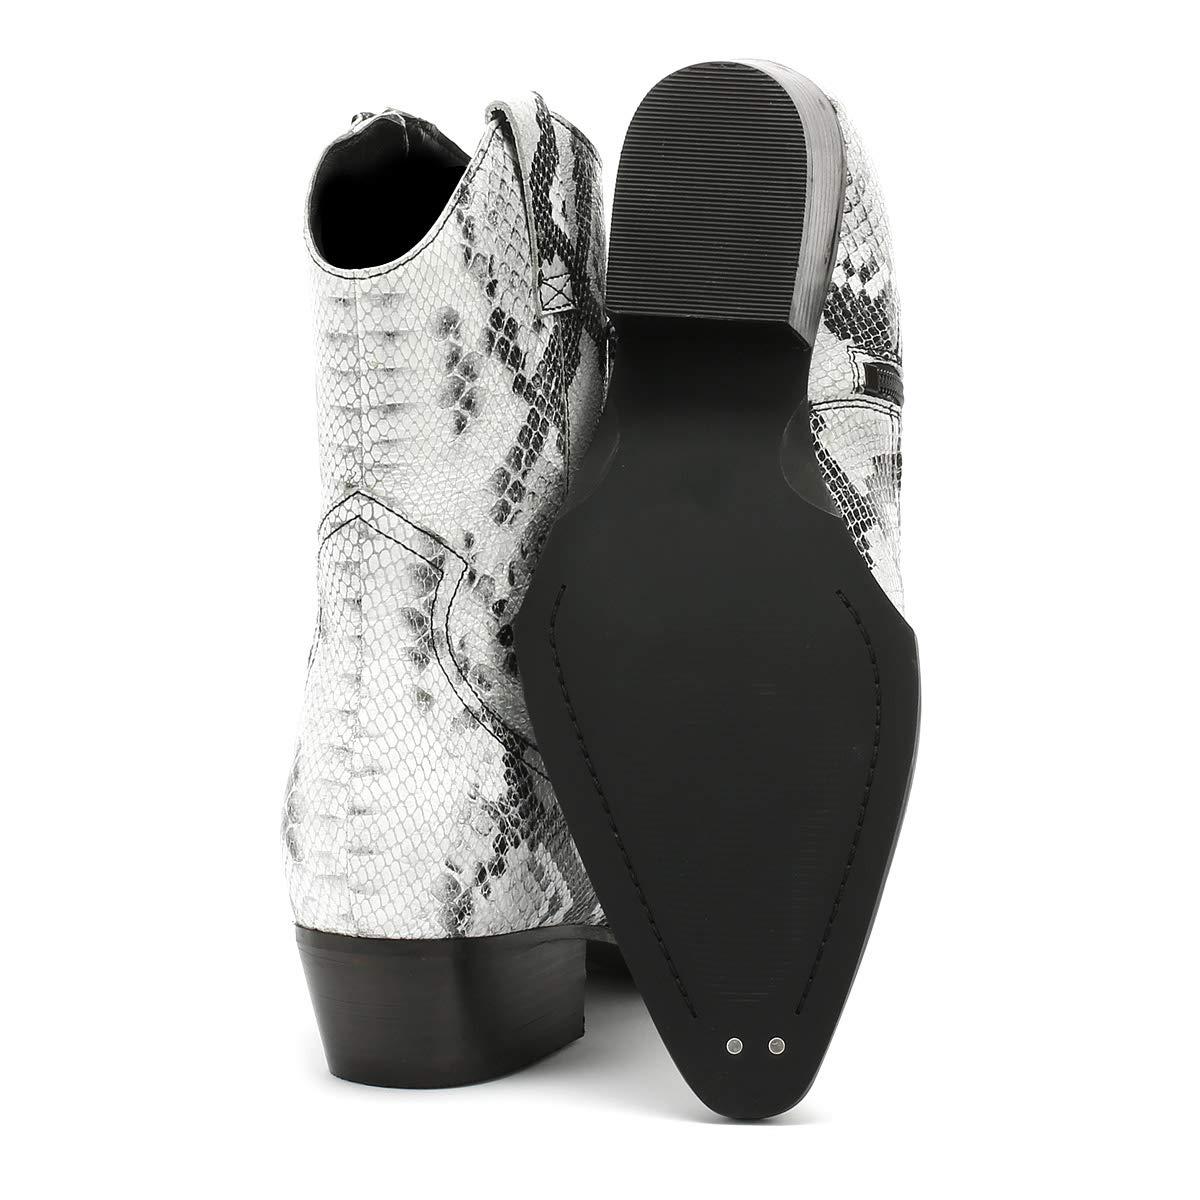 Bronx Jacky Damen Schwarz Weiß Stiefel Stiefel Weiß dabfde